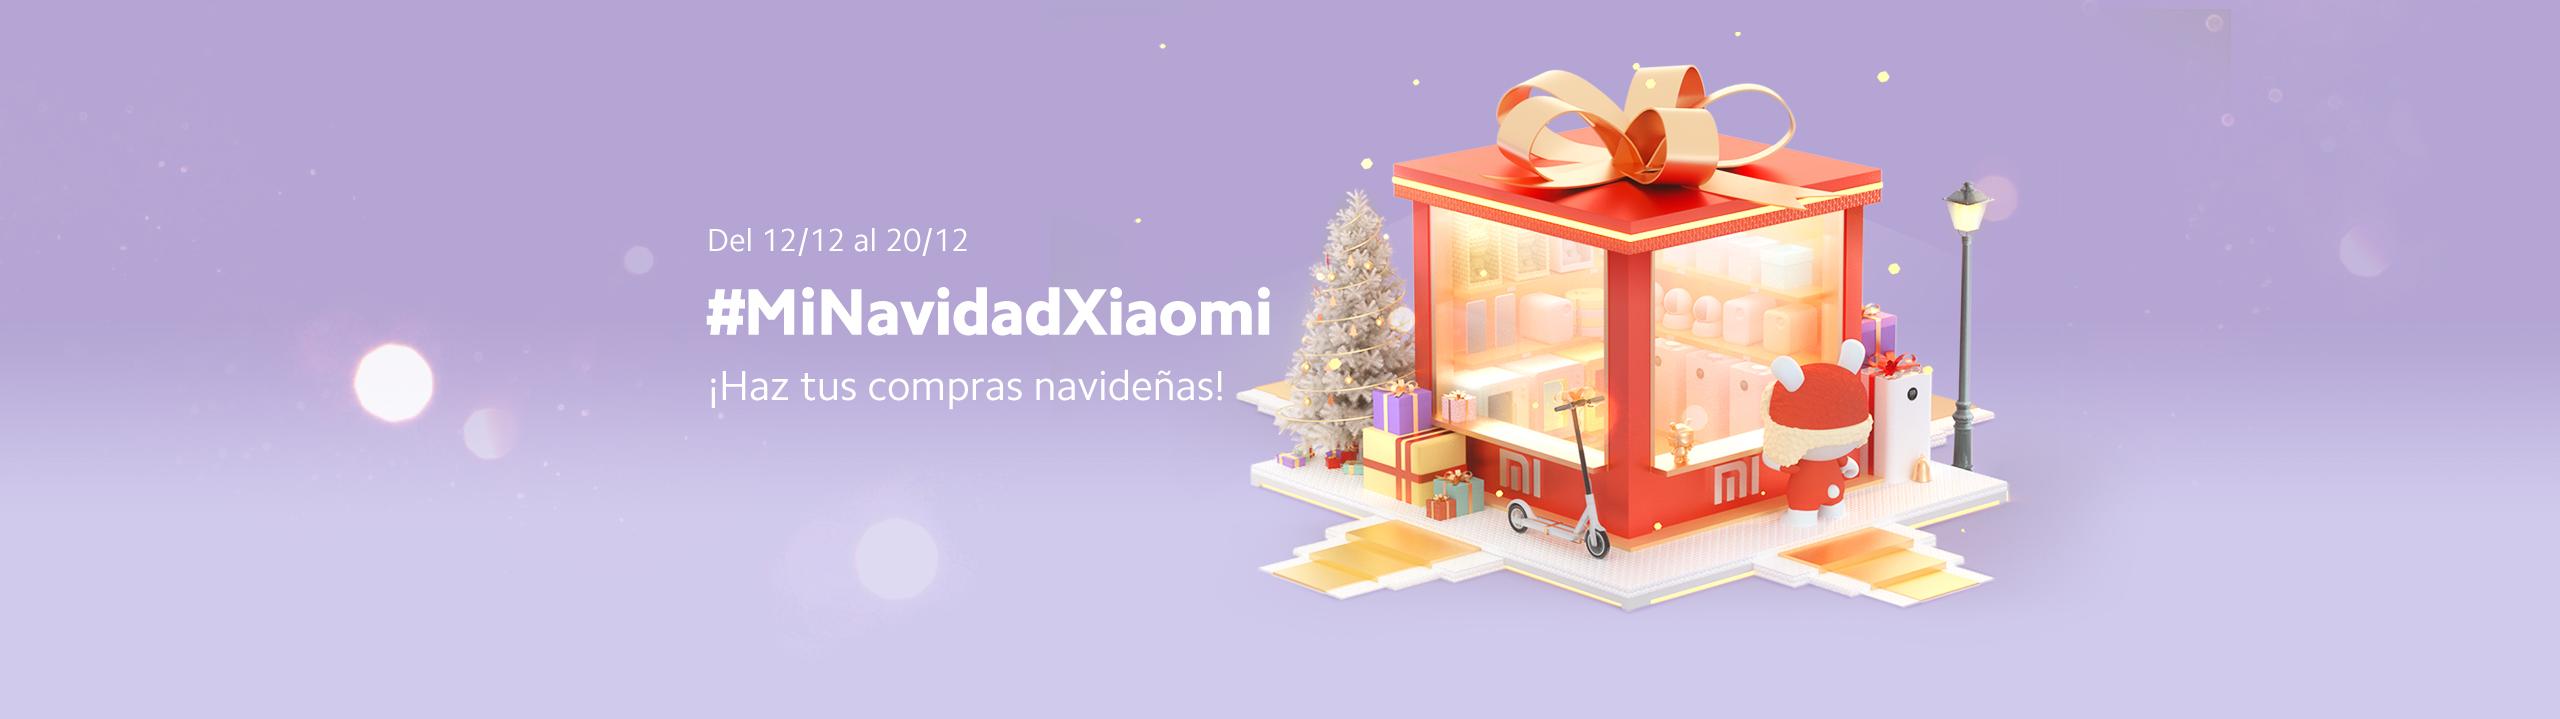 Xiaomi nuevas promociones para celebrar los Reyes #MiNavidad